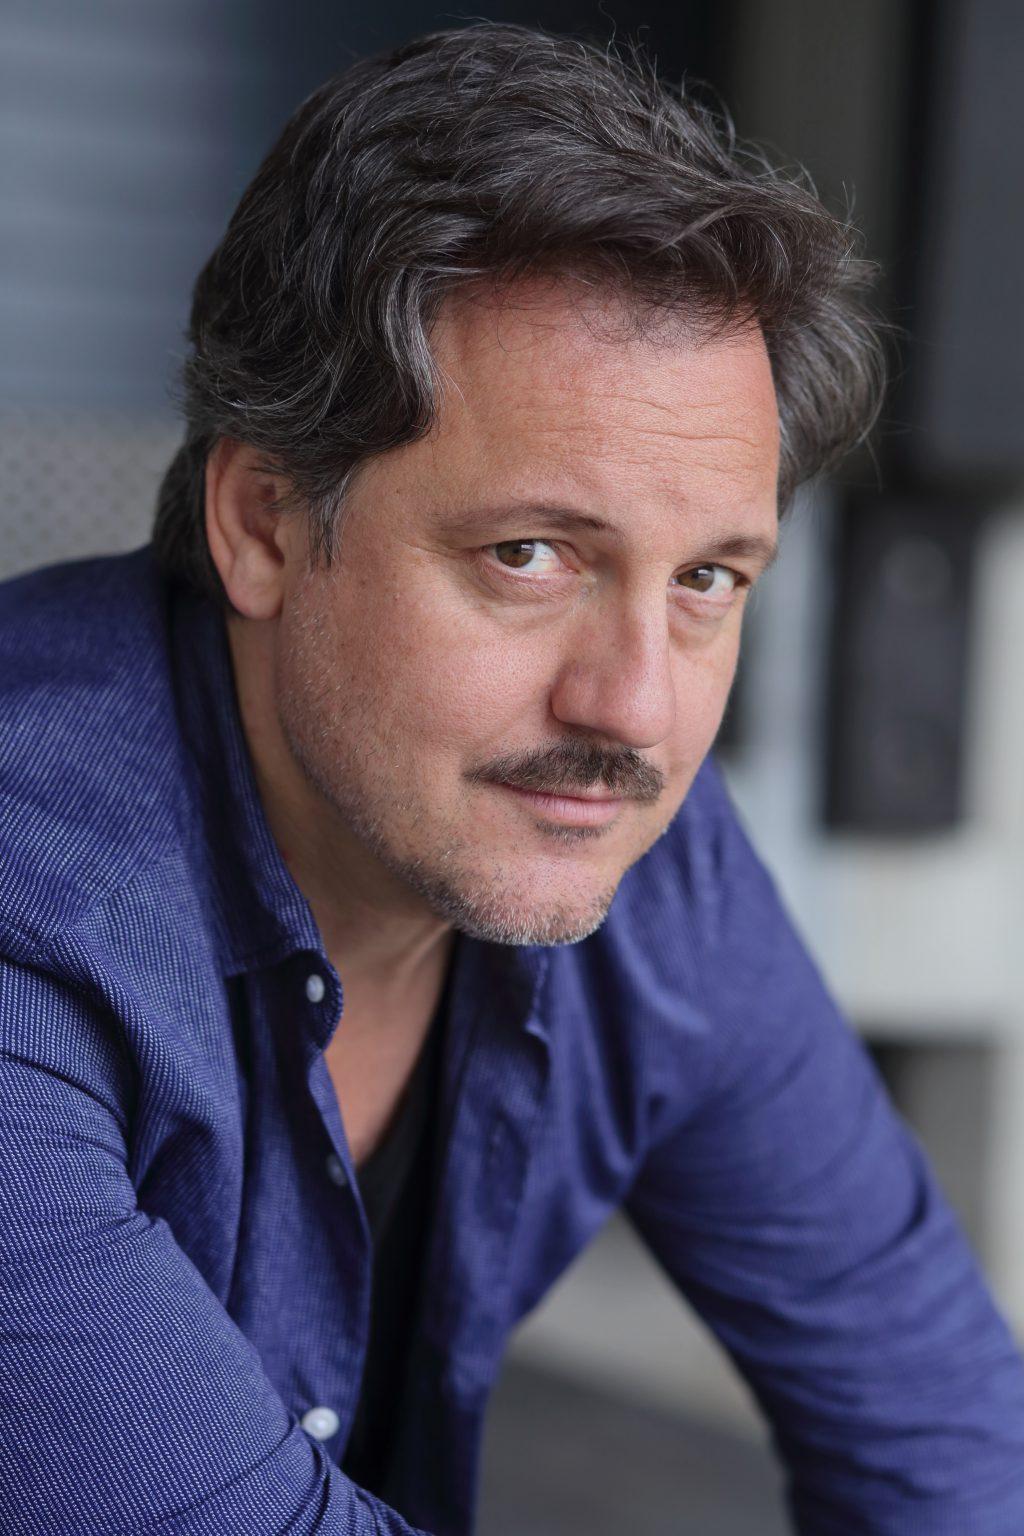 François NADIN